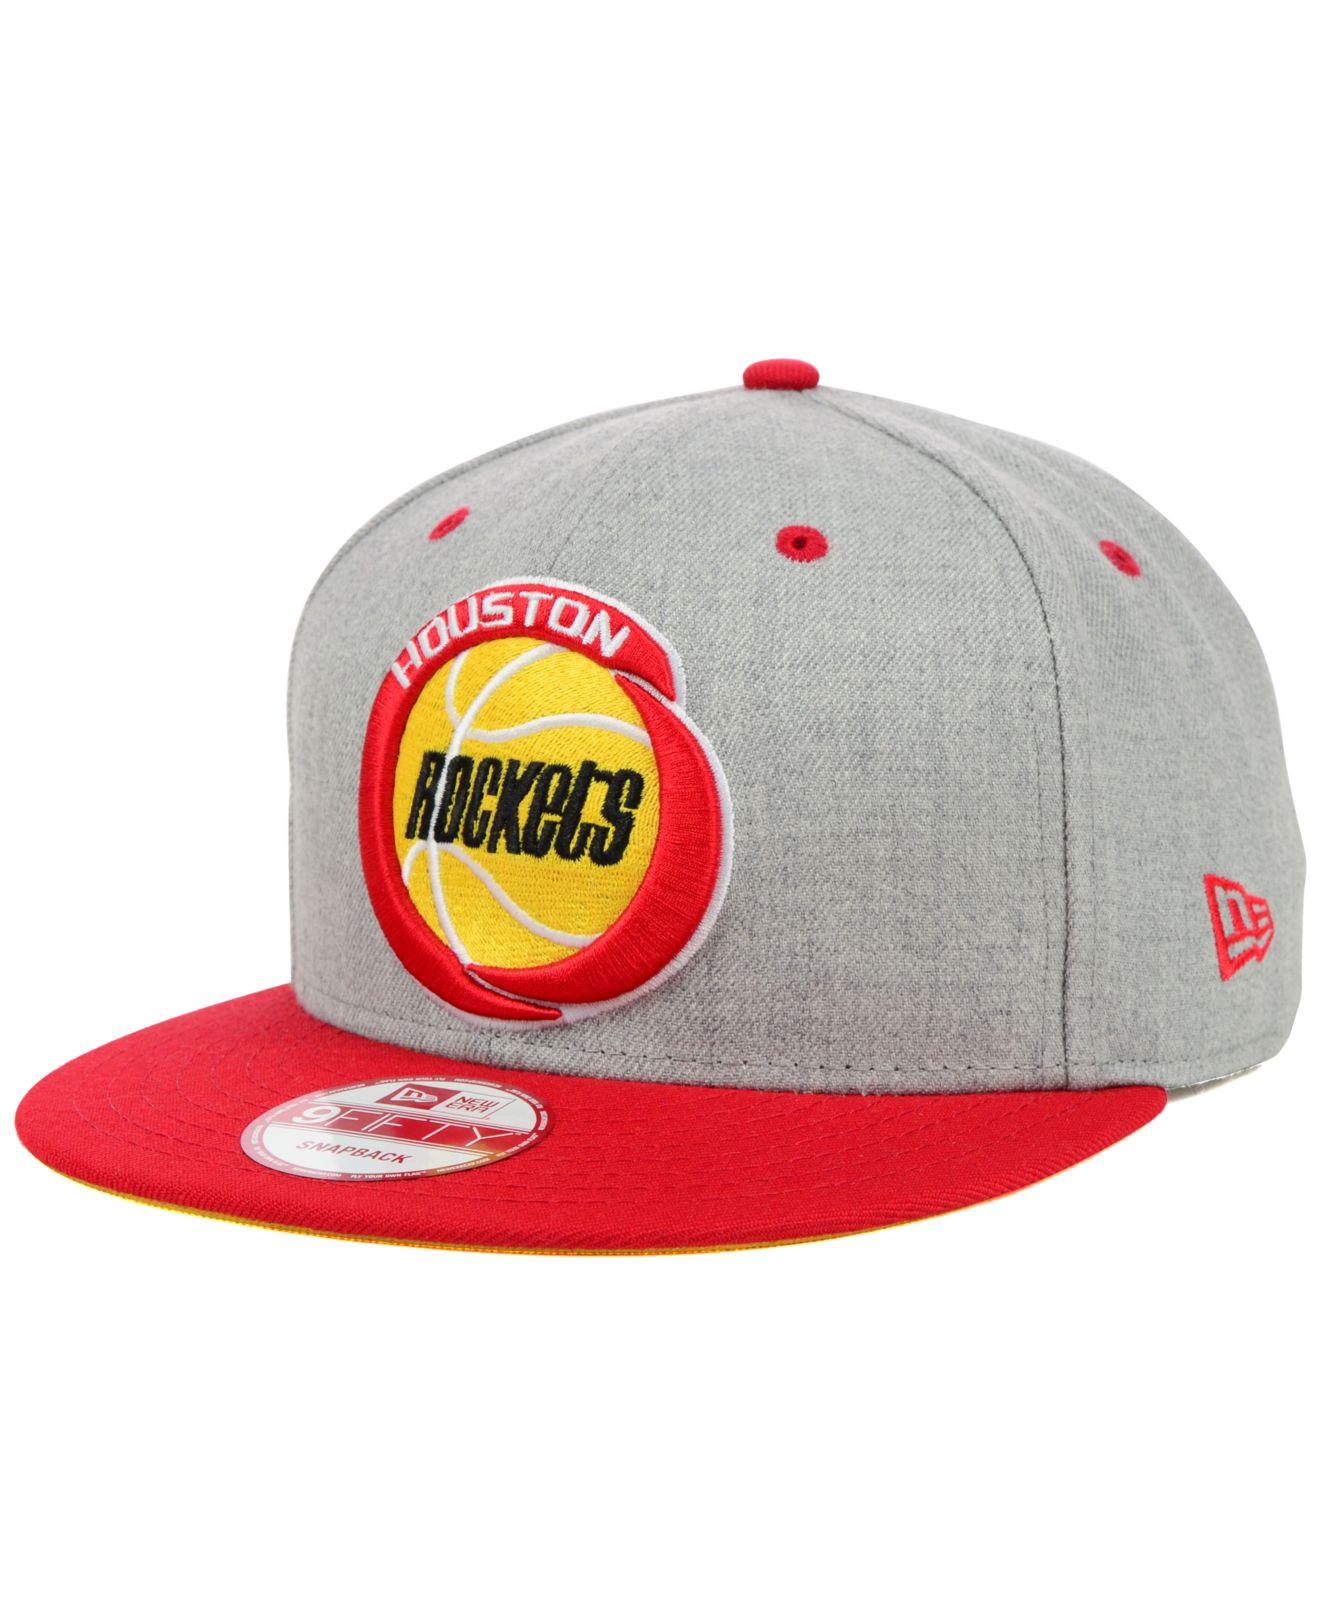 buy online cc73a 4af77 KTZ Houston Rockets Hardwood Classics Heather Gray 9Fifty Snapback ...